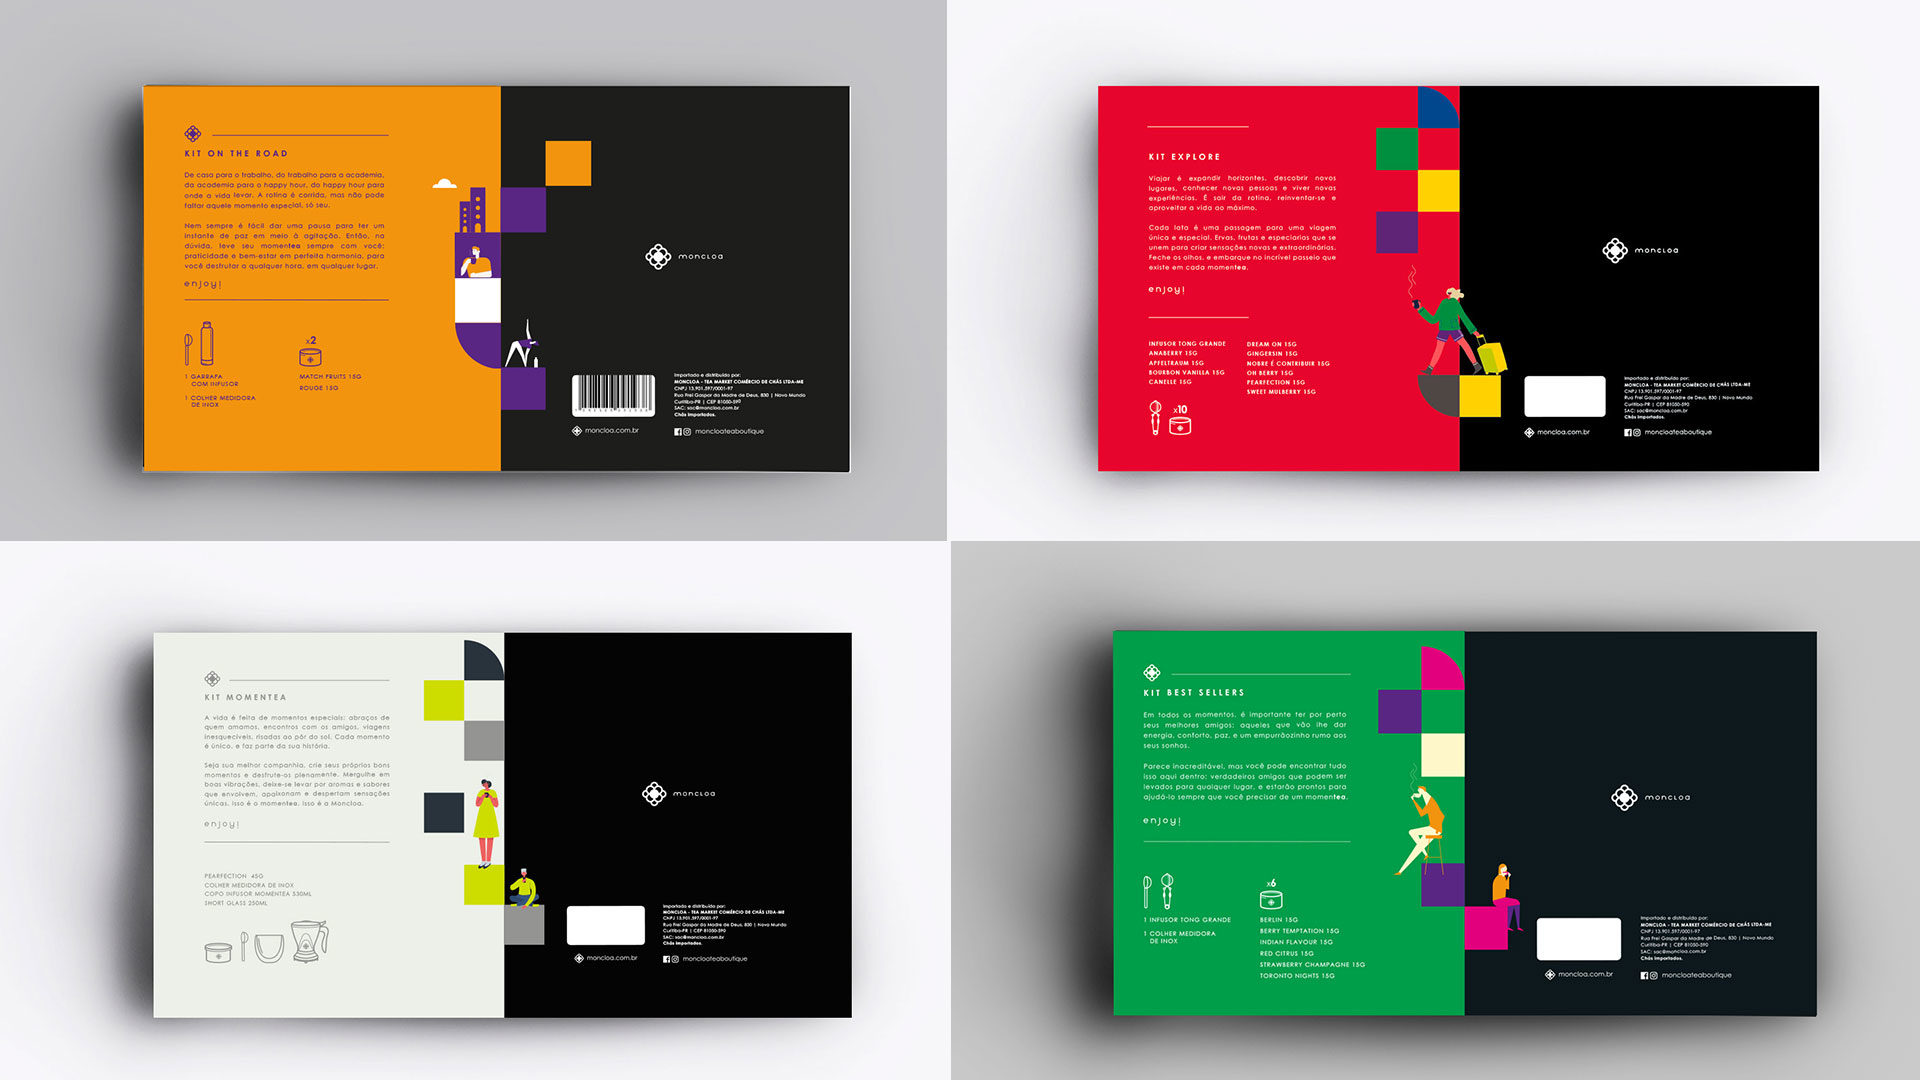 Projetos / Kit Moncloa 7